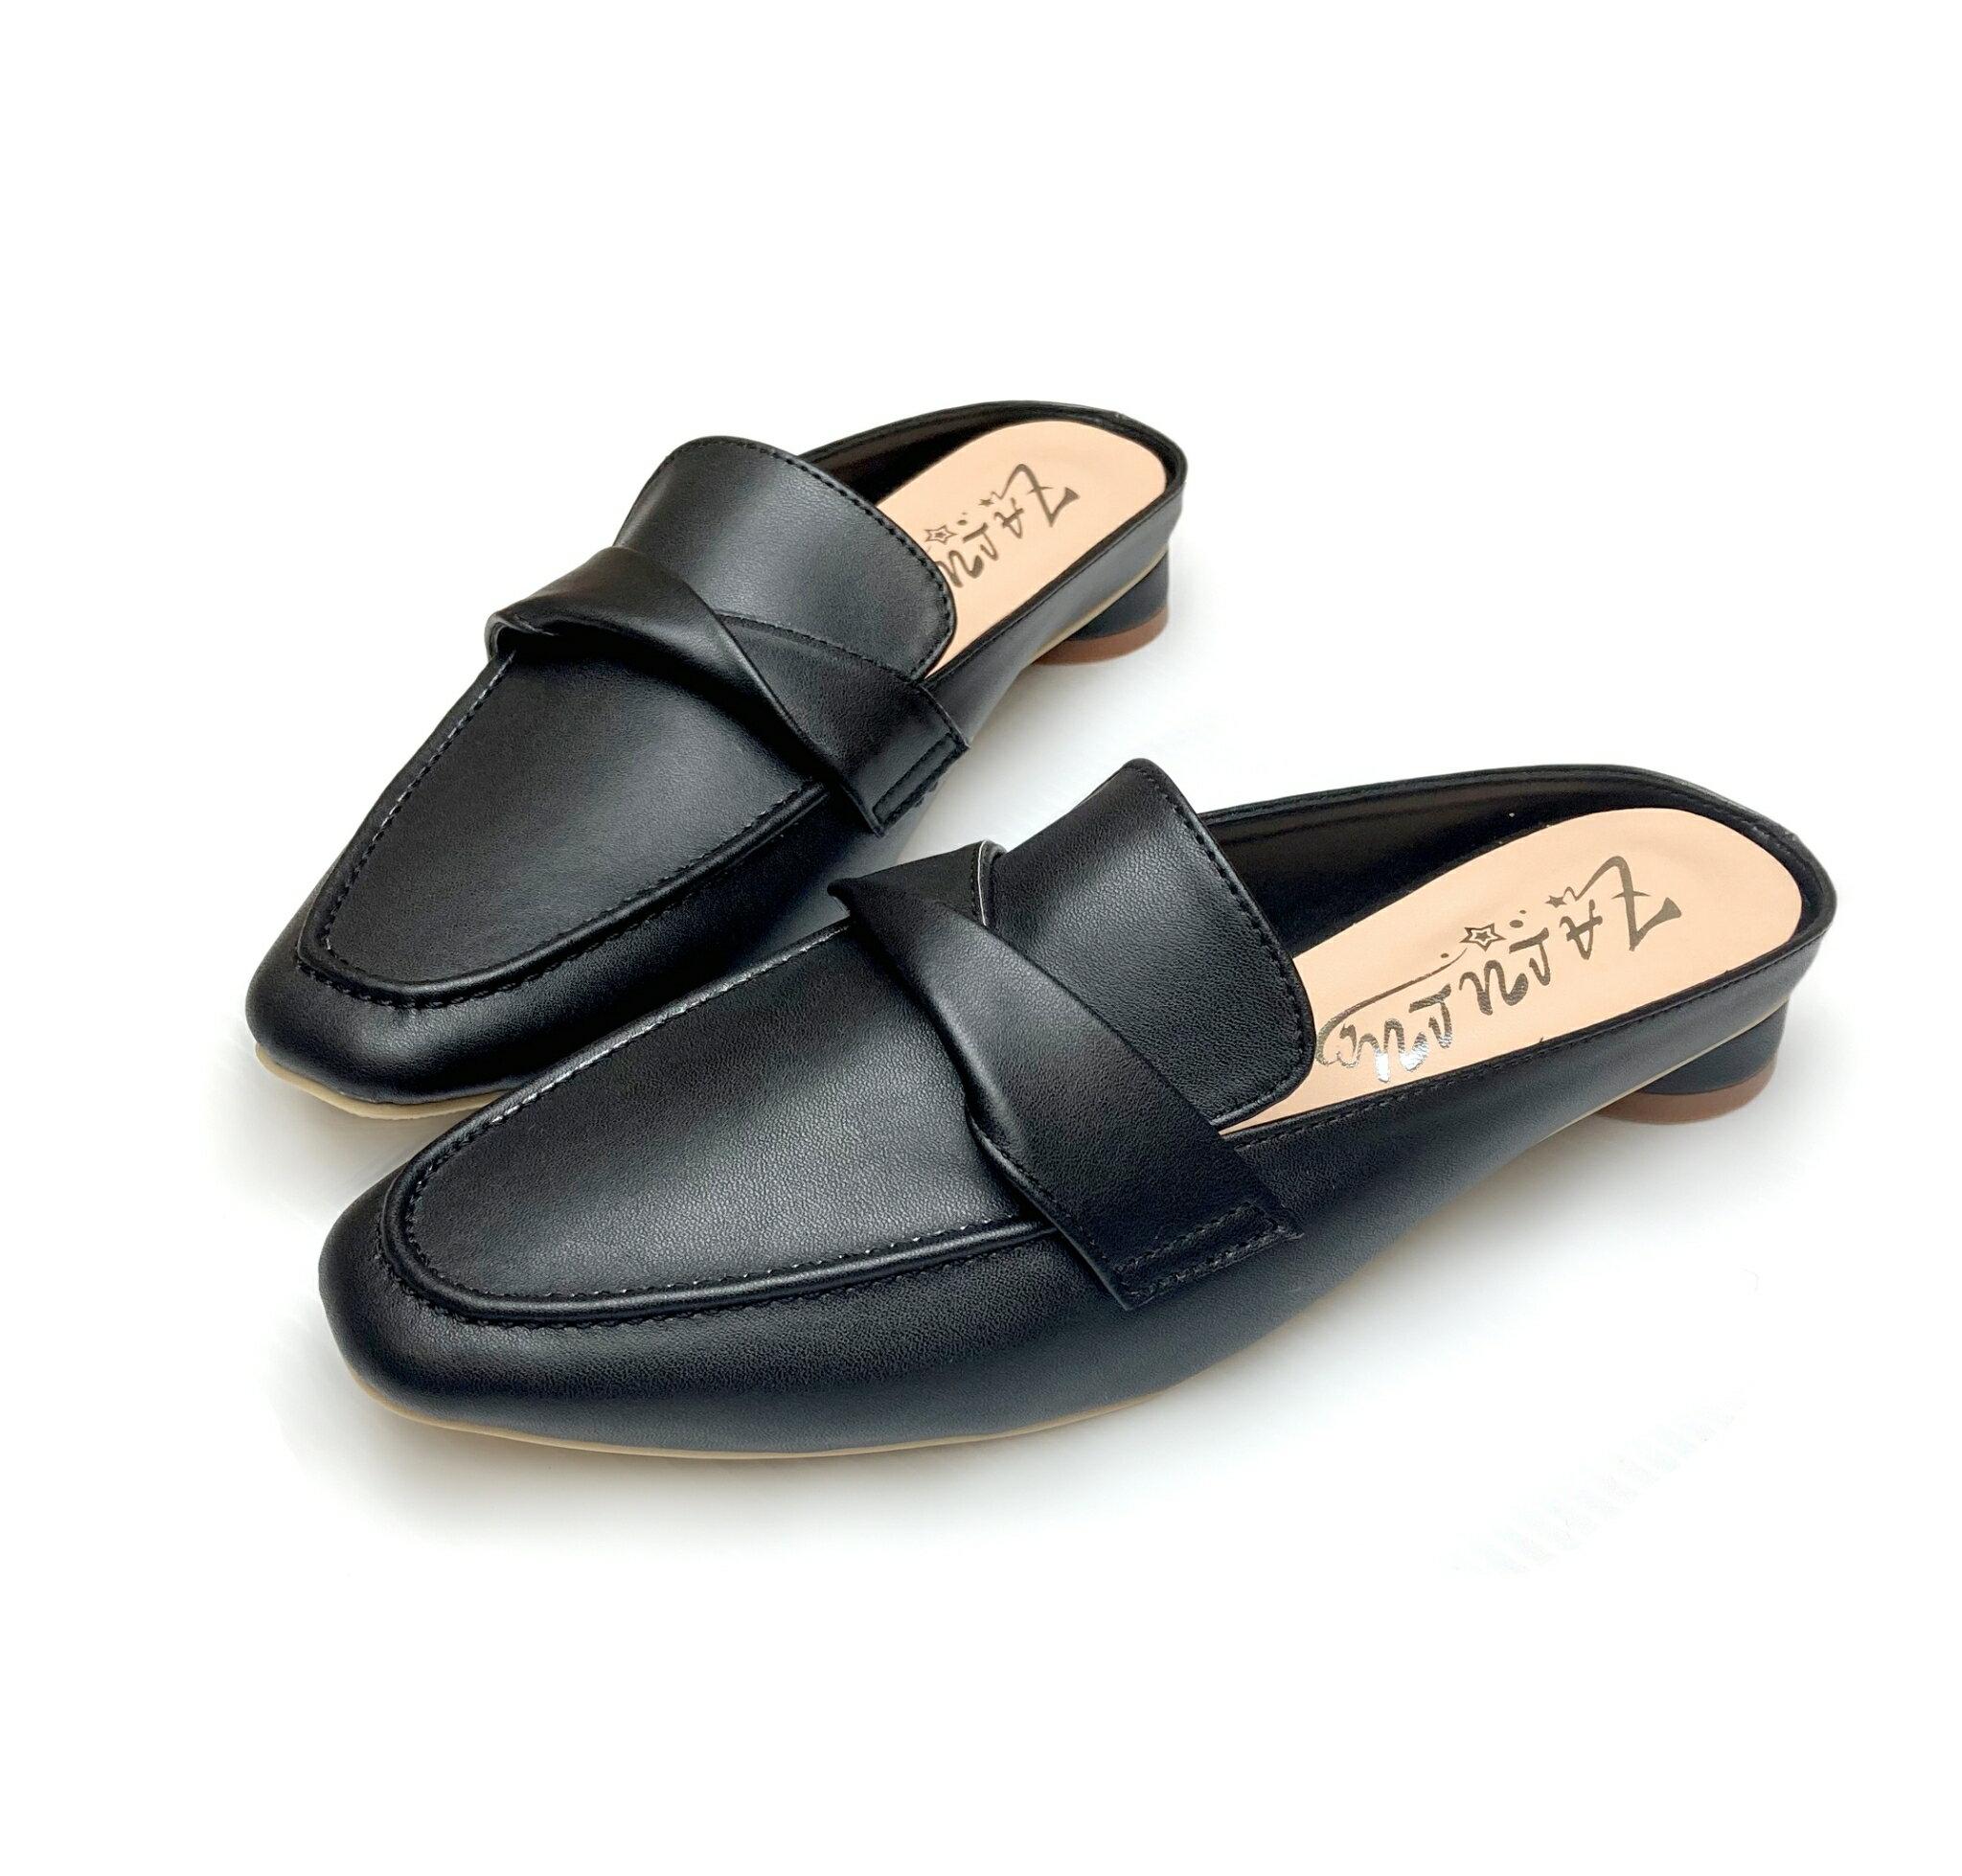 【現貨】9009Z1230 簡約小方頭皮飾圓跟穆勒鞋-棕/黑-35-39【ZALULU愛鞋館】►滿$399免運